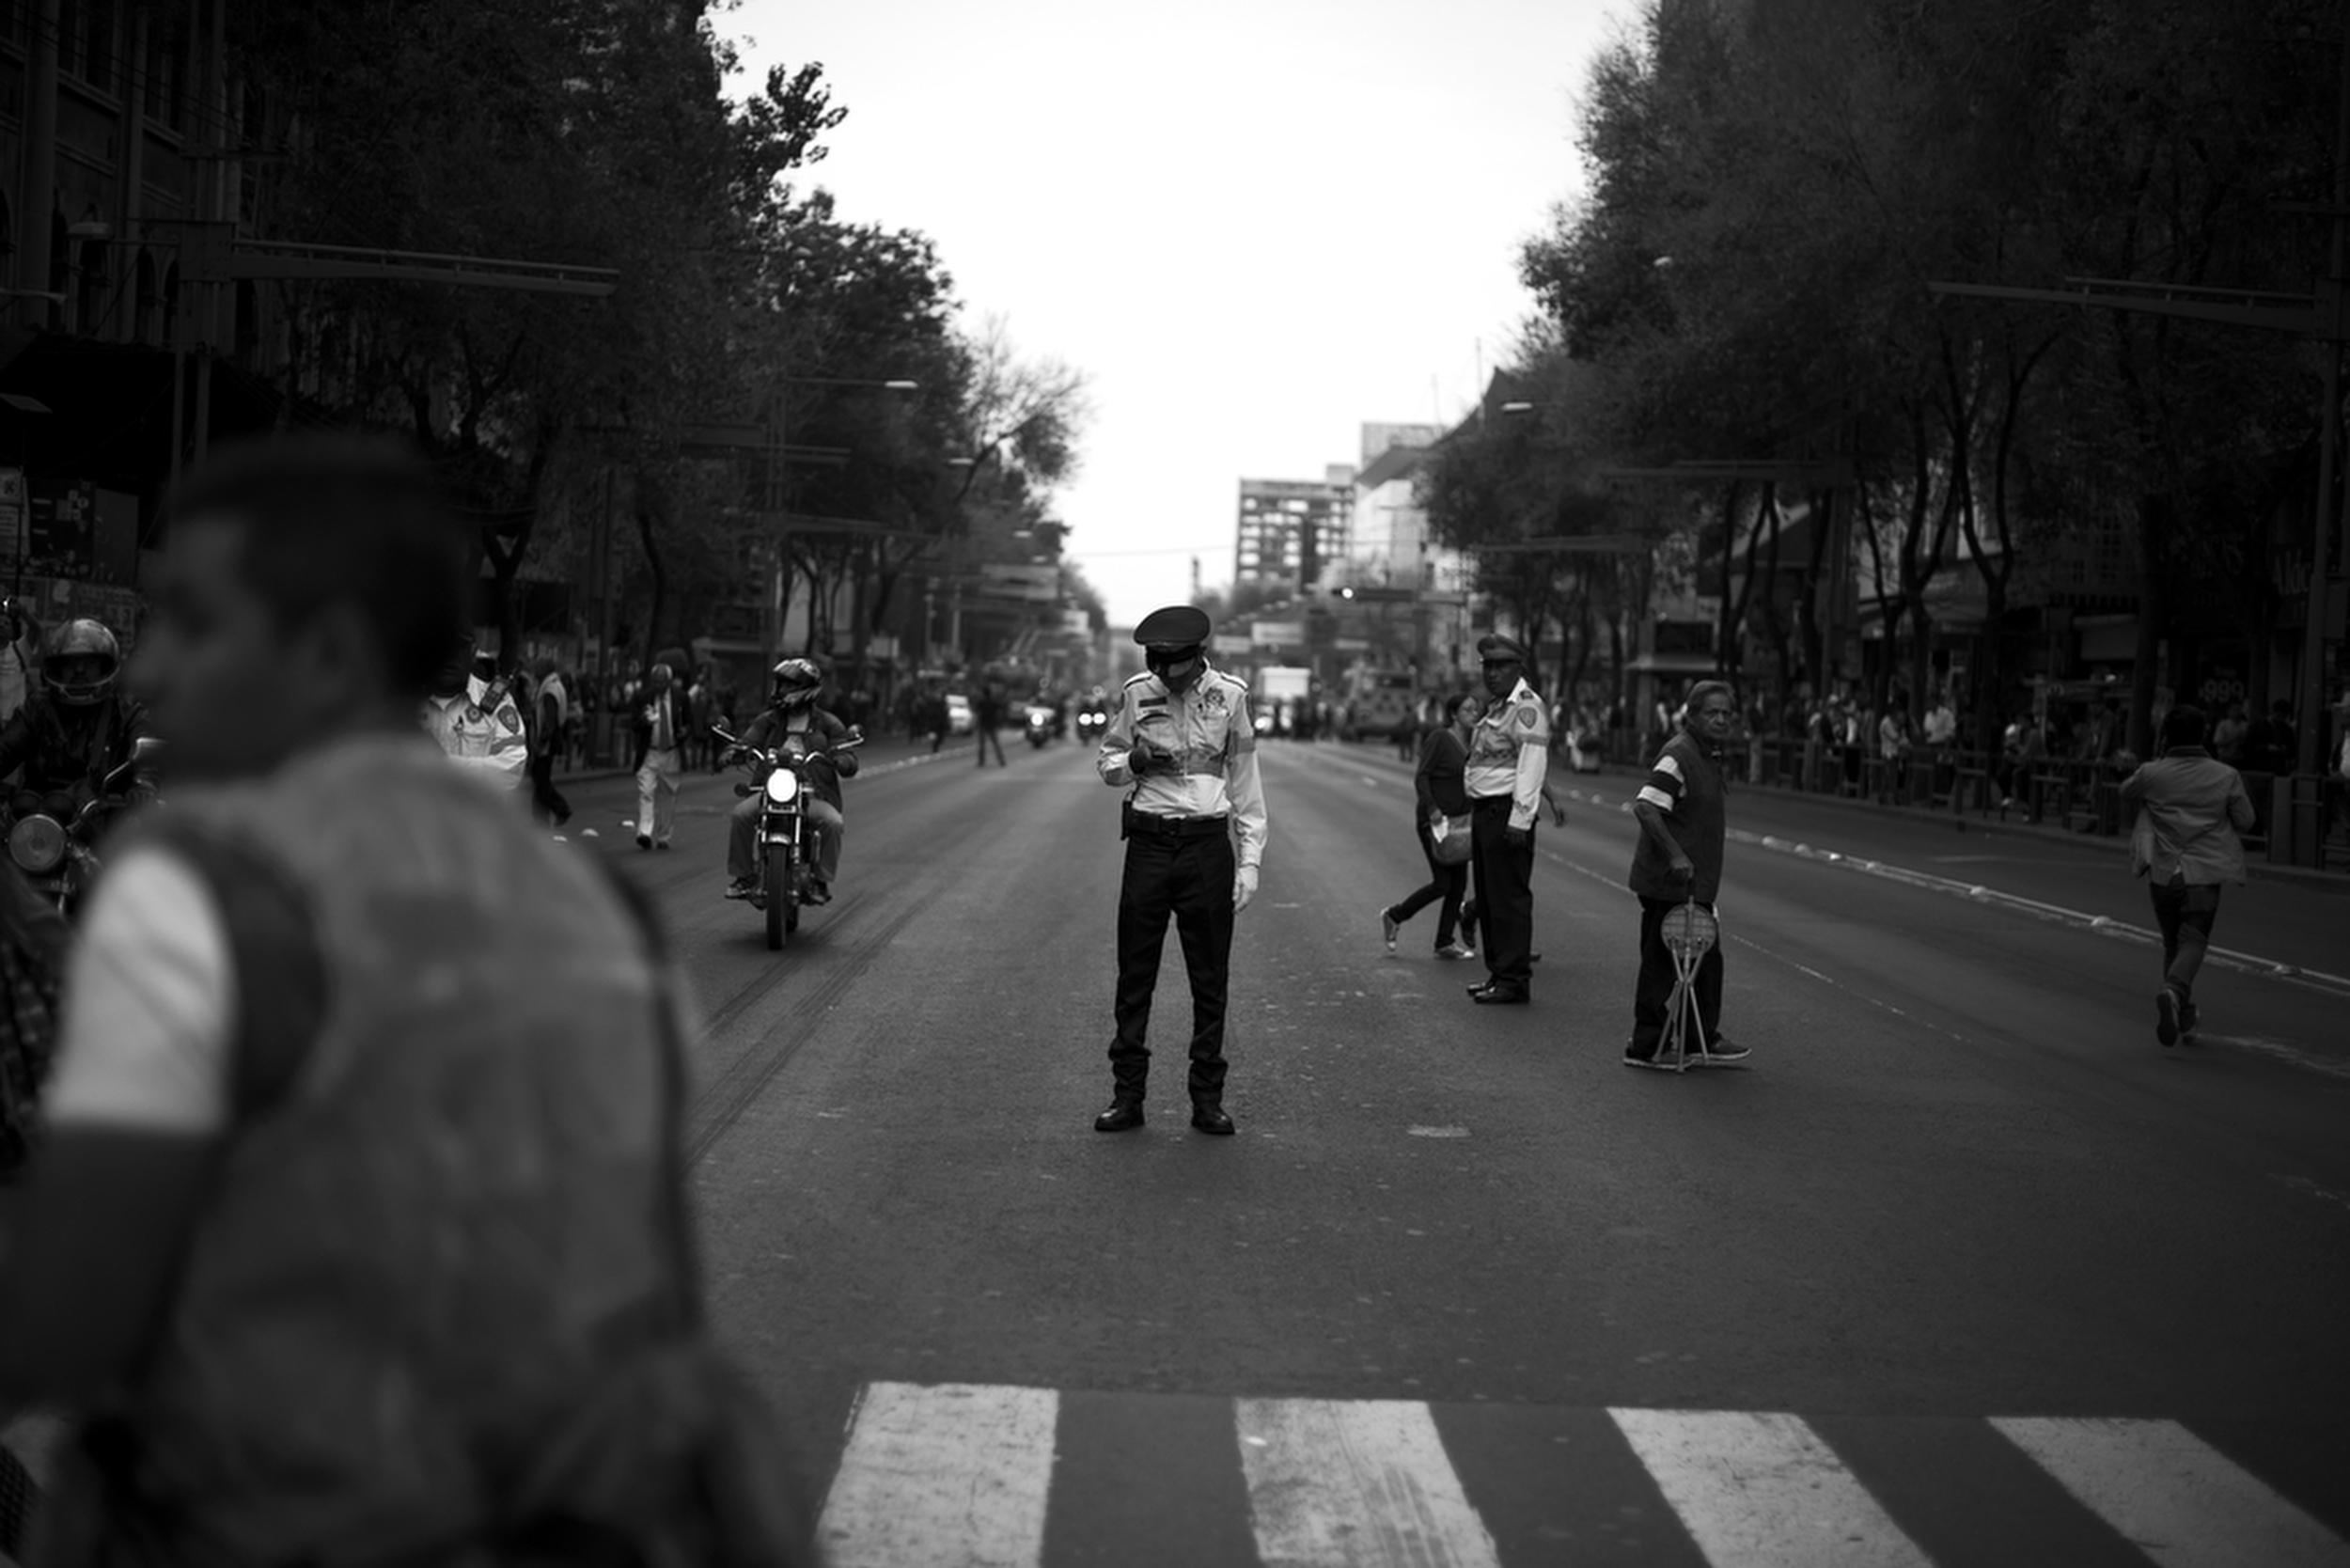 """Police officers block a street near Mexico City's main plaza before a massive demonstration. Protesters demanded President Enrique Peña Nieto's resignation and chanted """" Vivos se los llevaron y vivos los queremos""""  (They were taken alive, we want them alive).Mexico City, Mexico. November 20, 2014."""